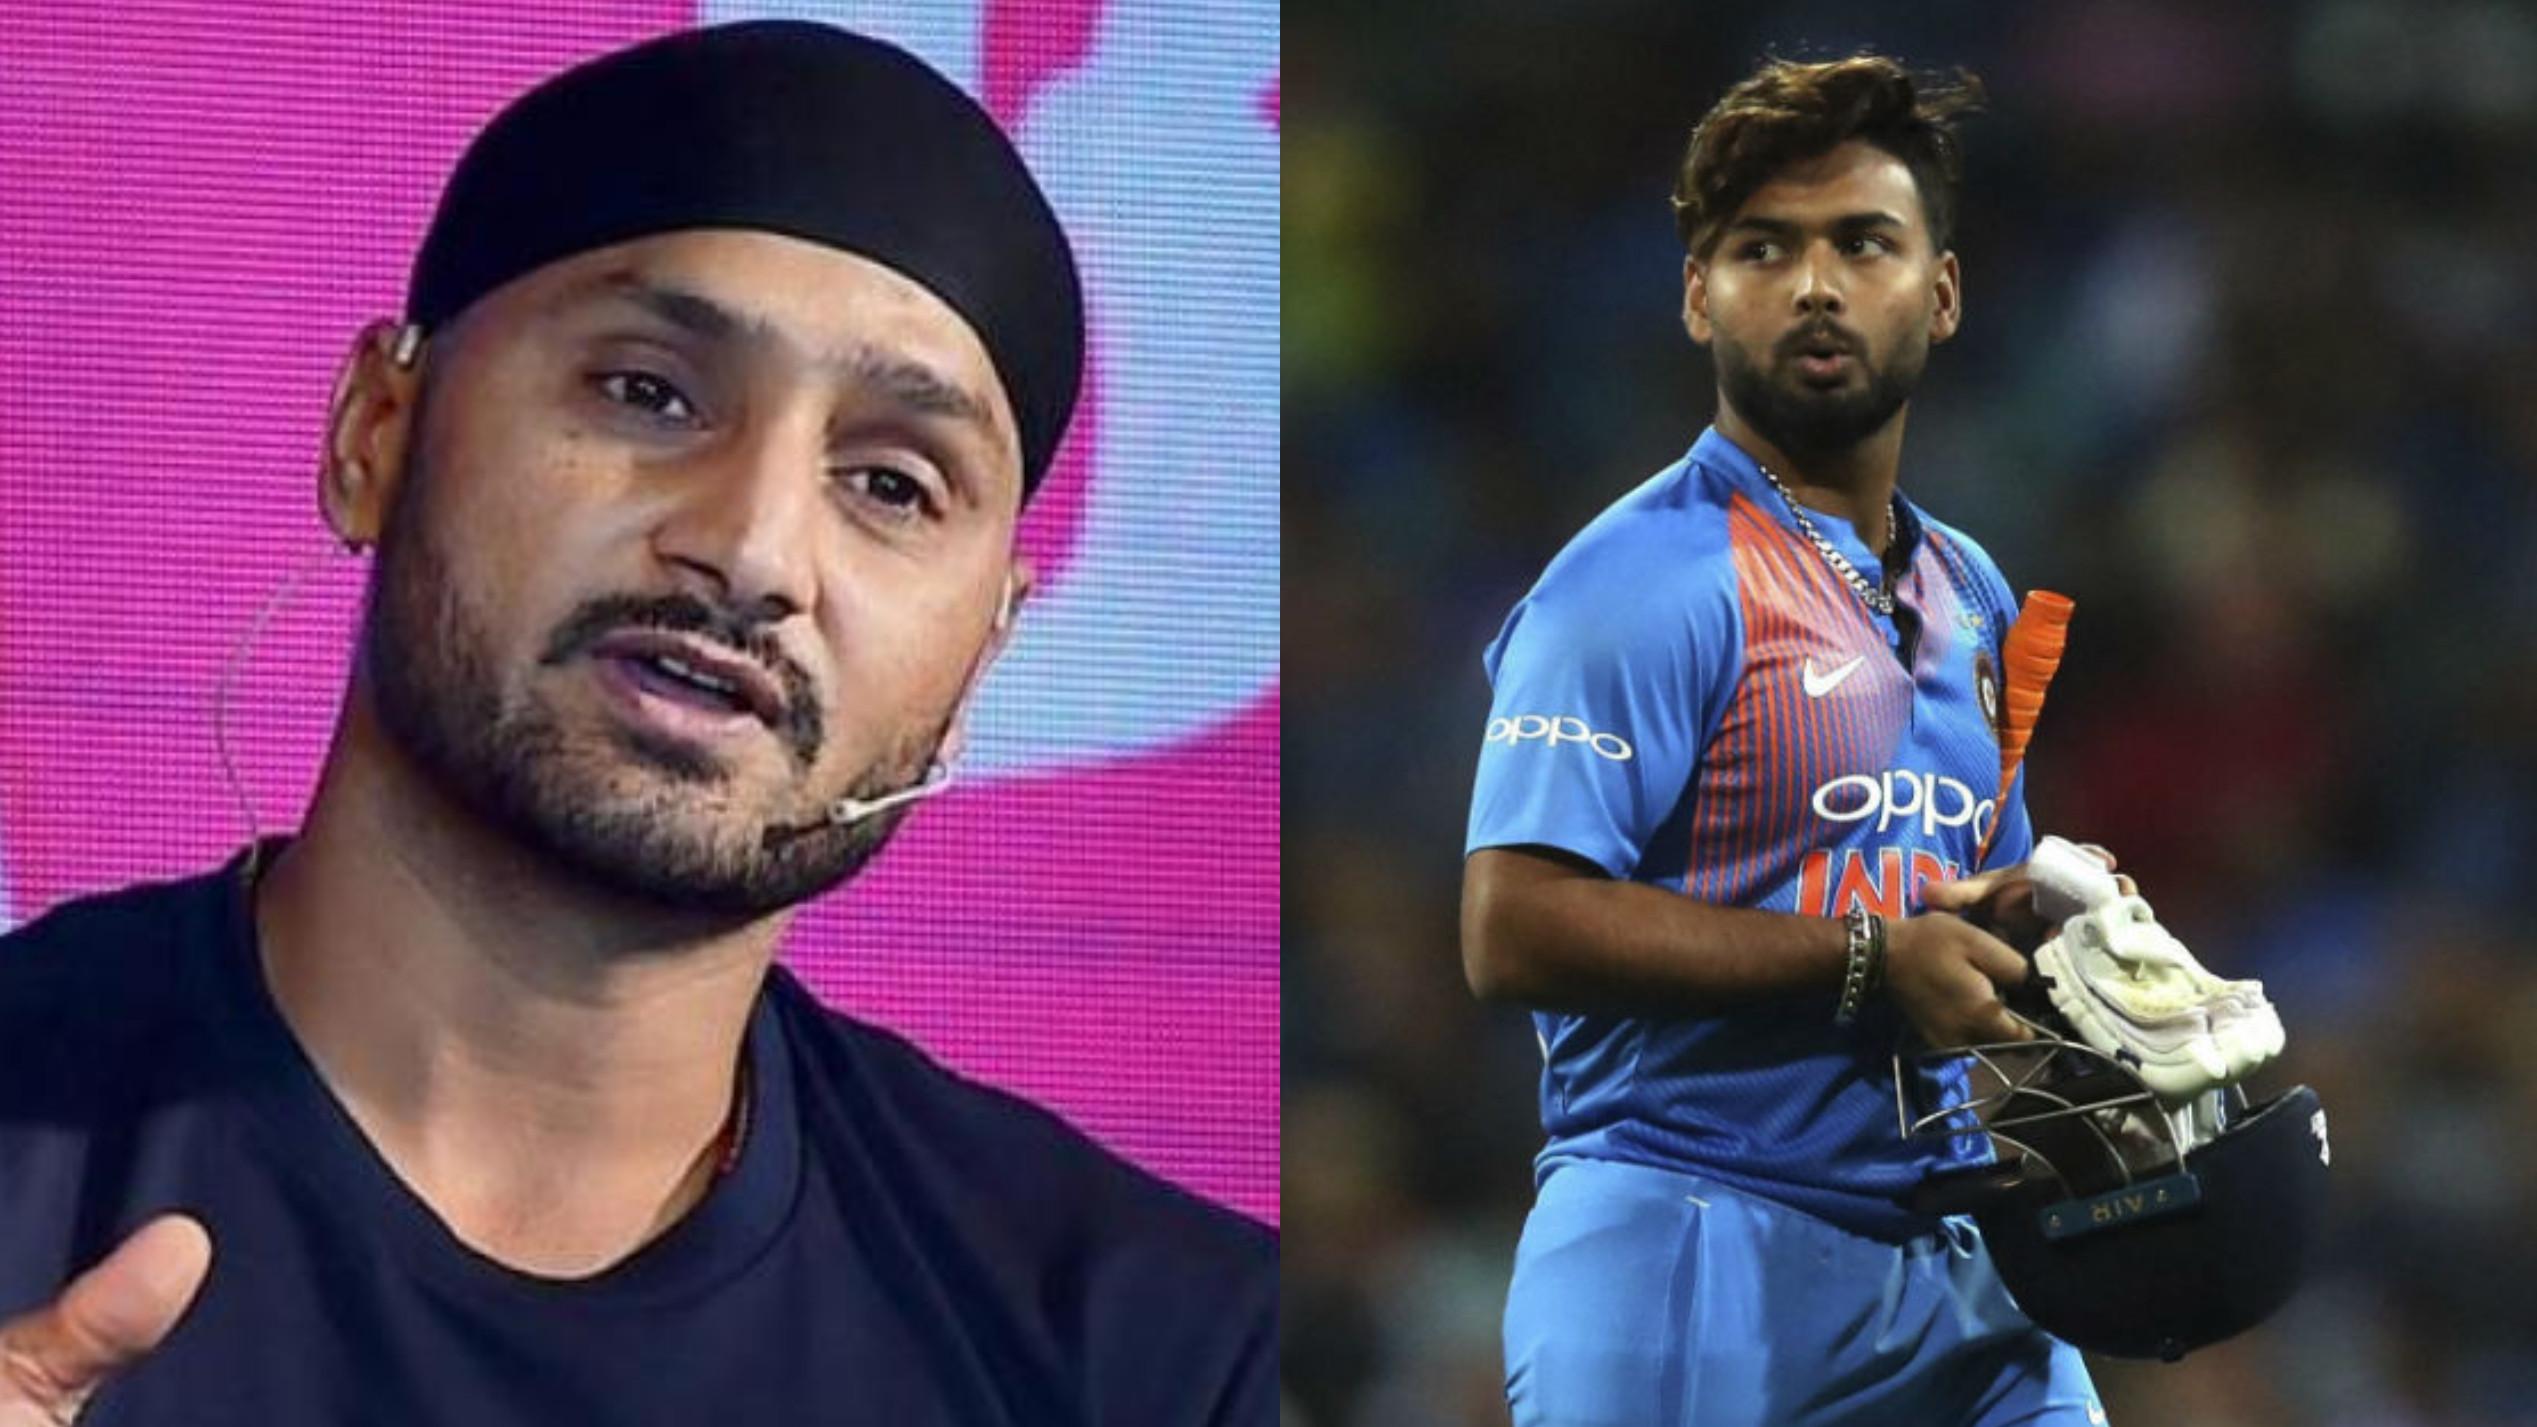 CWC 2019 : हरभजन सिंह के अनुसार विश्व कप 2019 के लिए इस युवा विकेटकीपर-बल्लेबाज़ को मौका दिया जाये